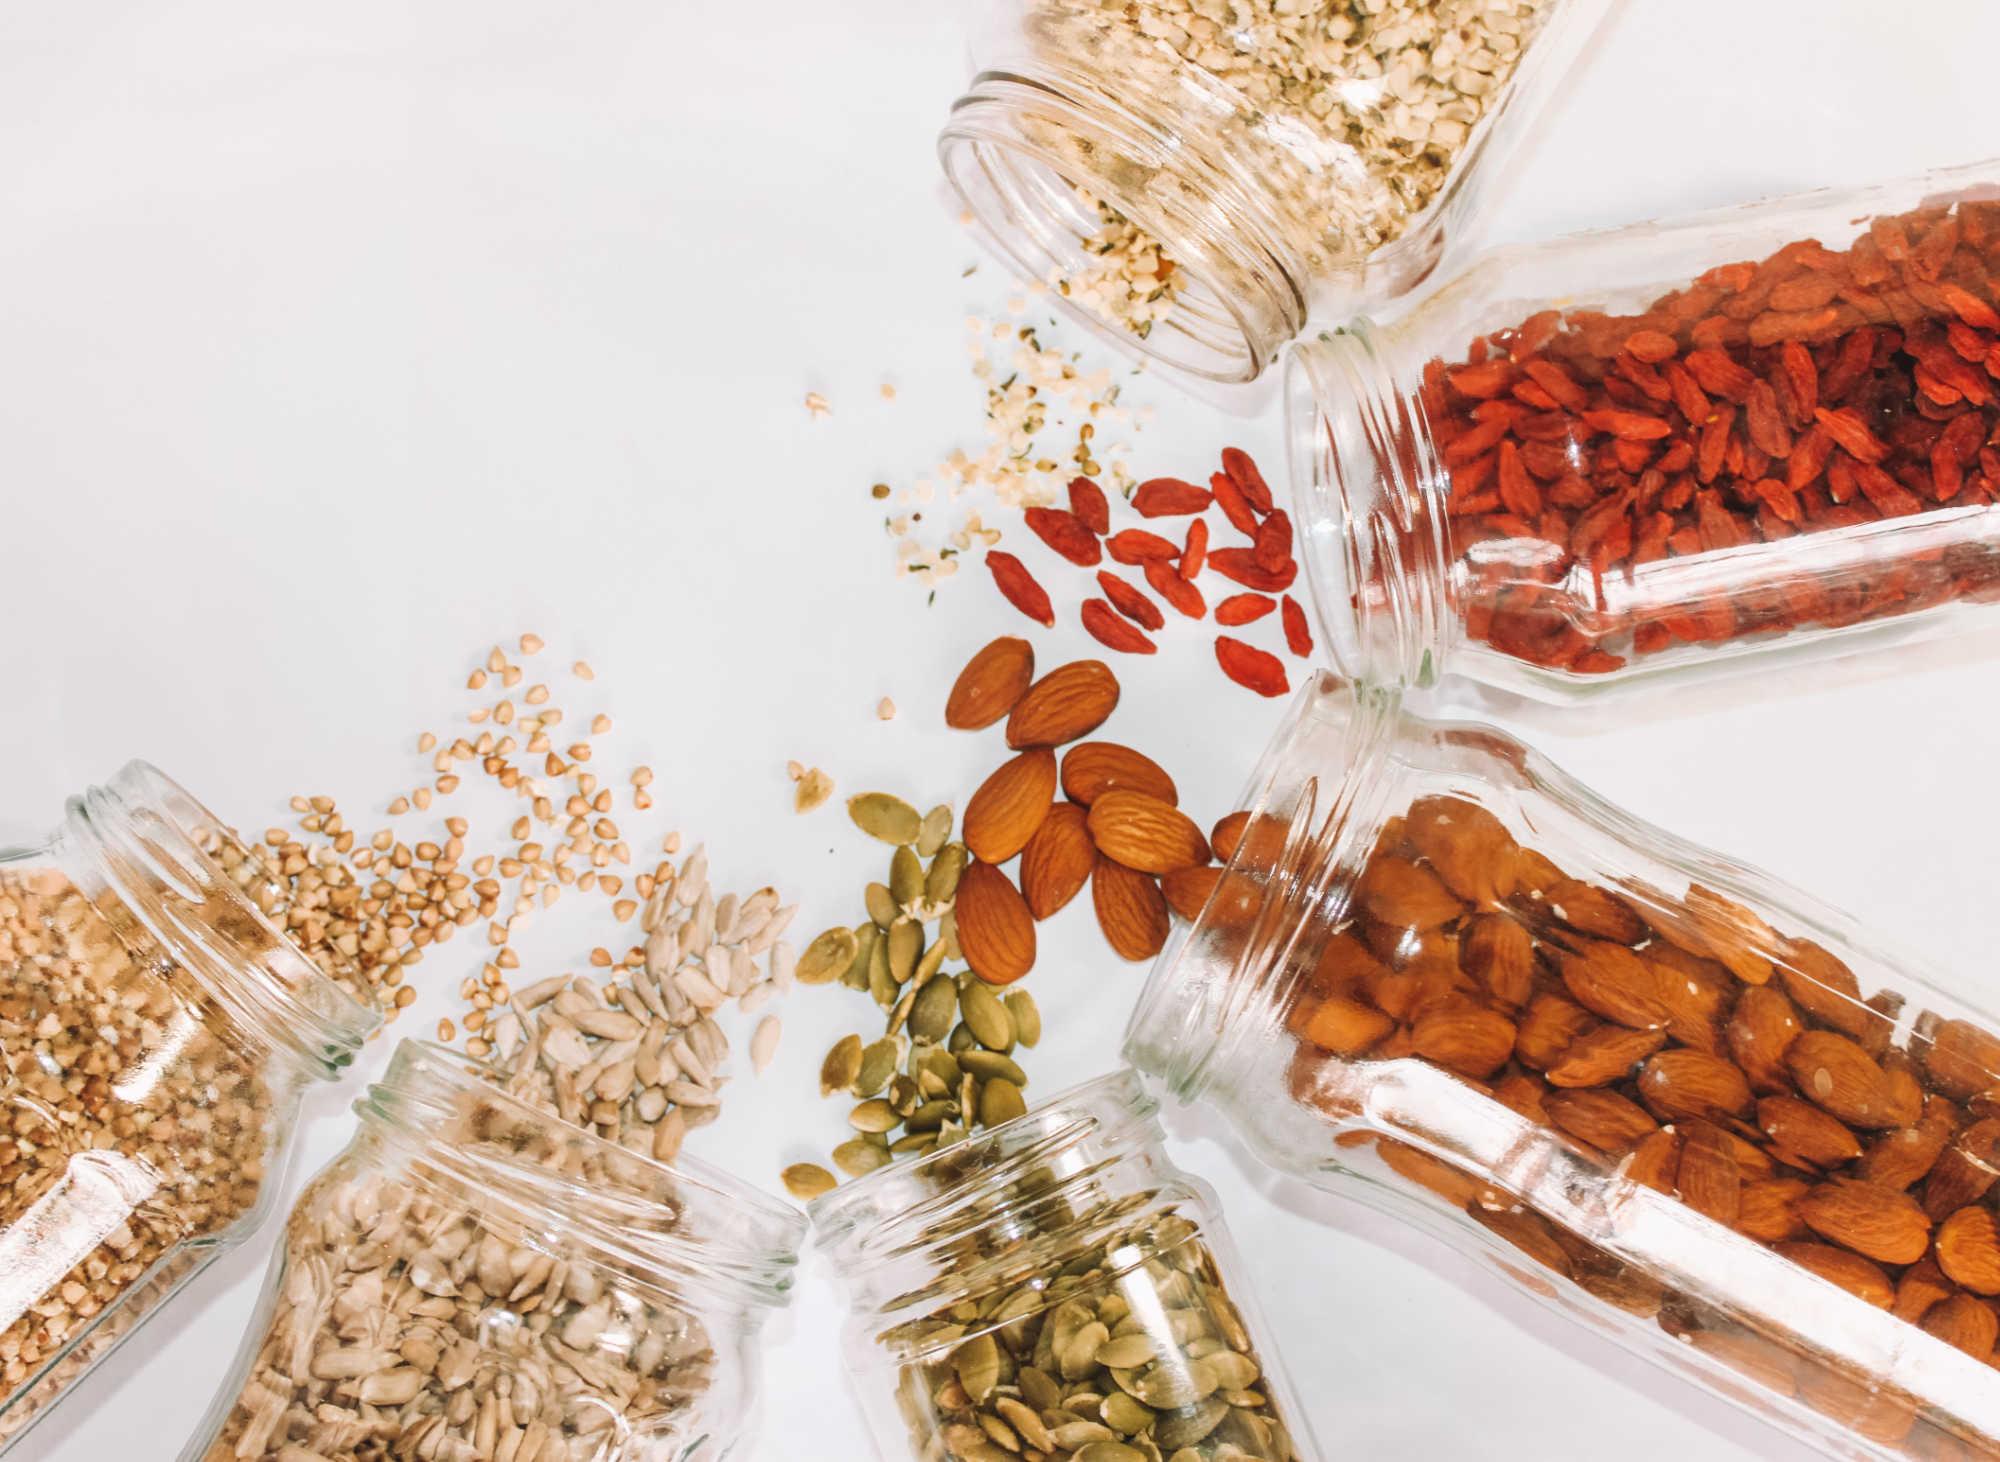 Est-ce que manger des noix peut aider votre santé cardiaque ?